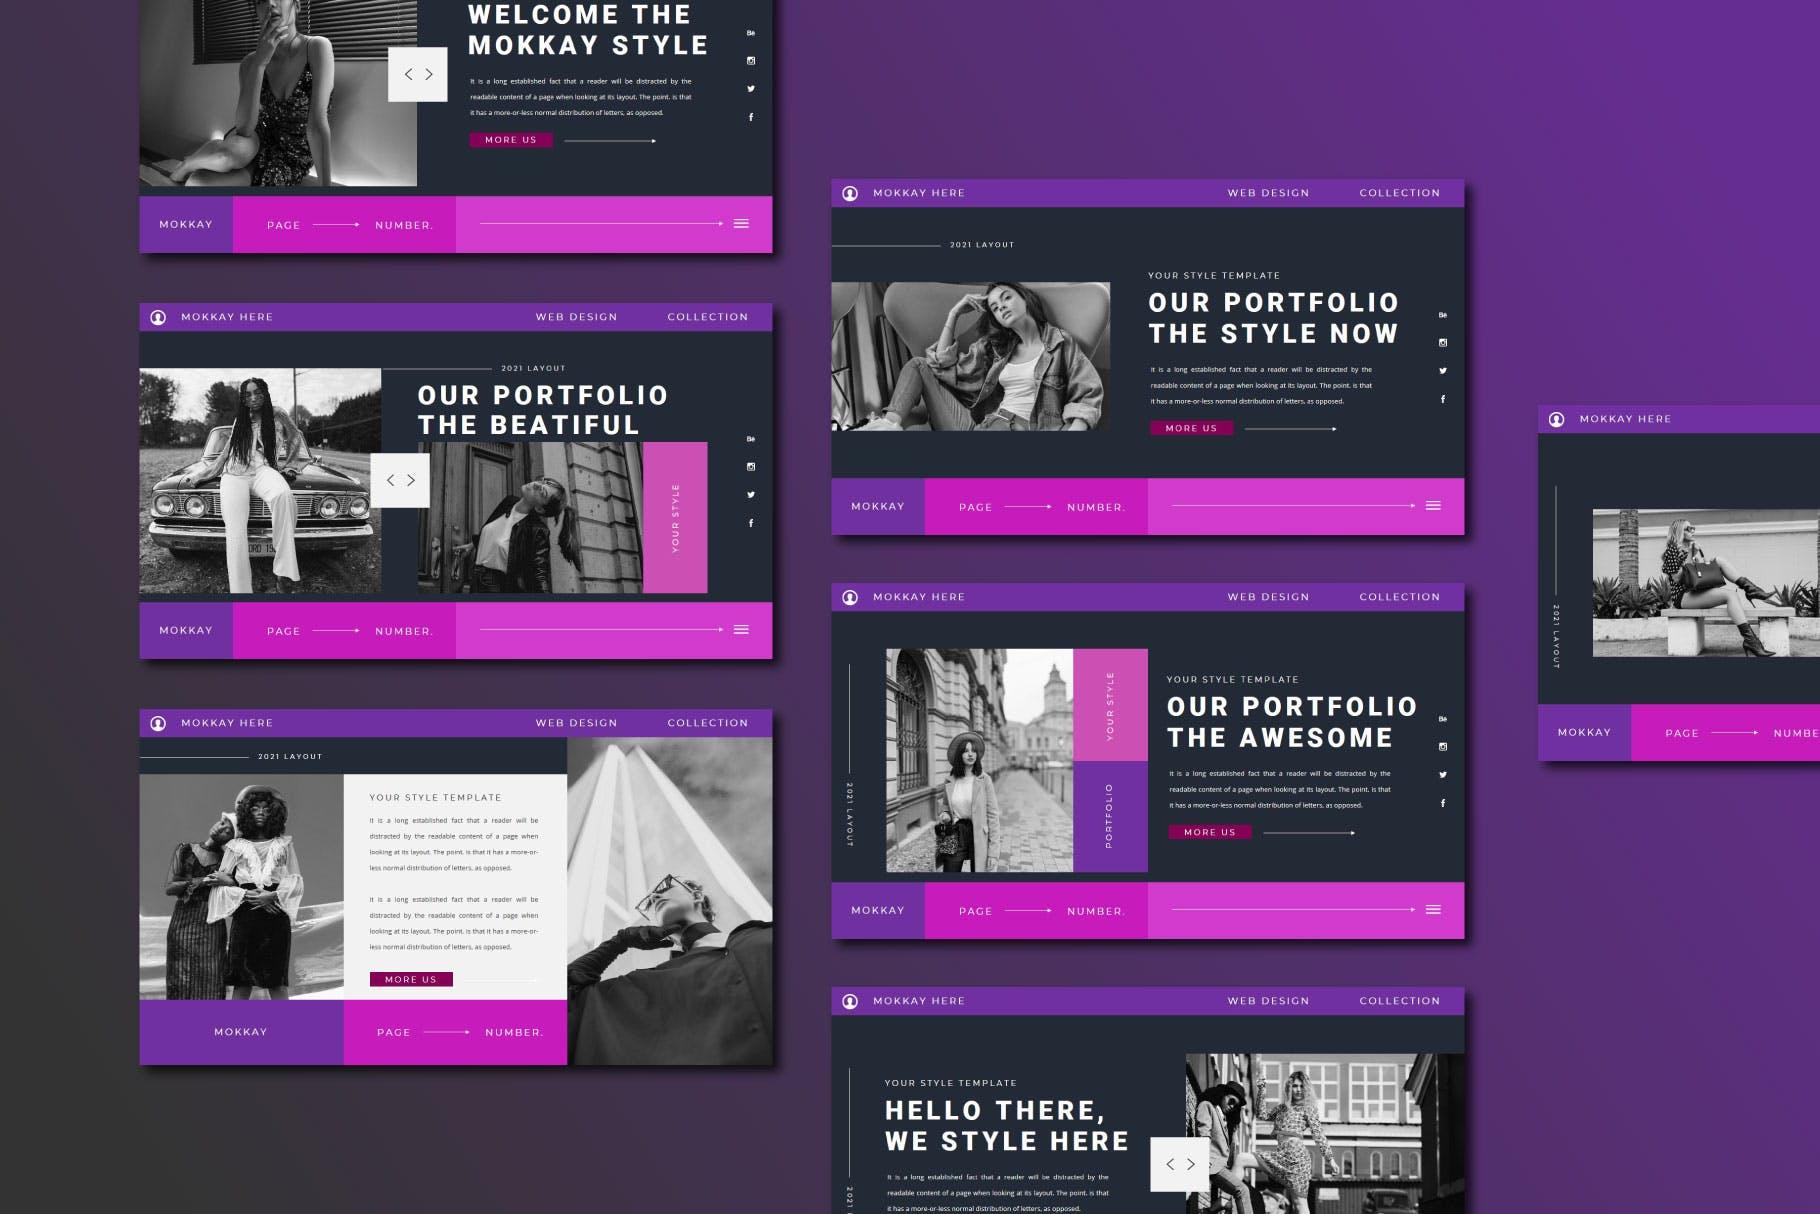 潮流服装摄影作品集图文排版 Keynote设计模板 MOKKAY Keynote Template插图7